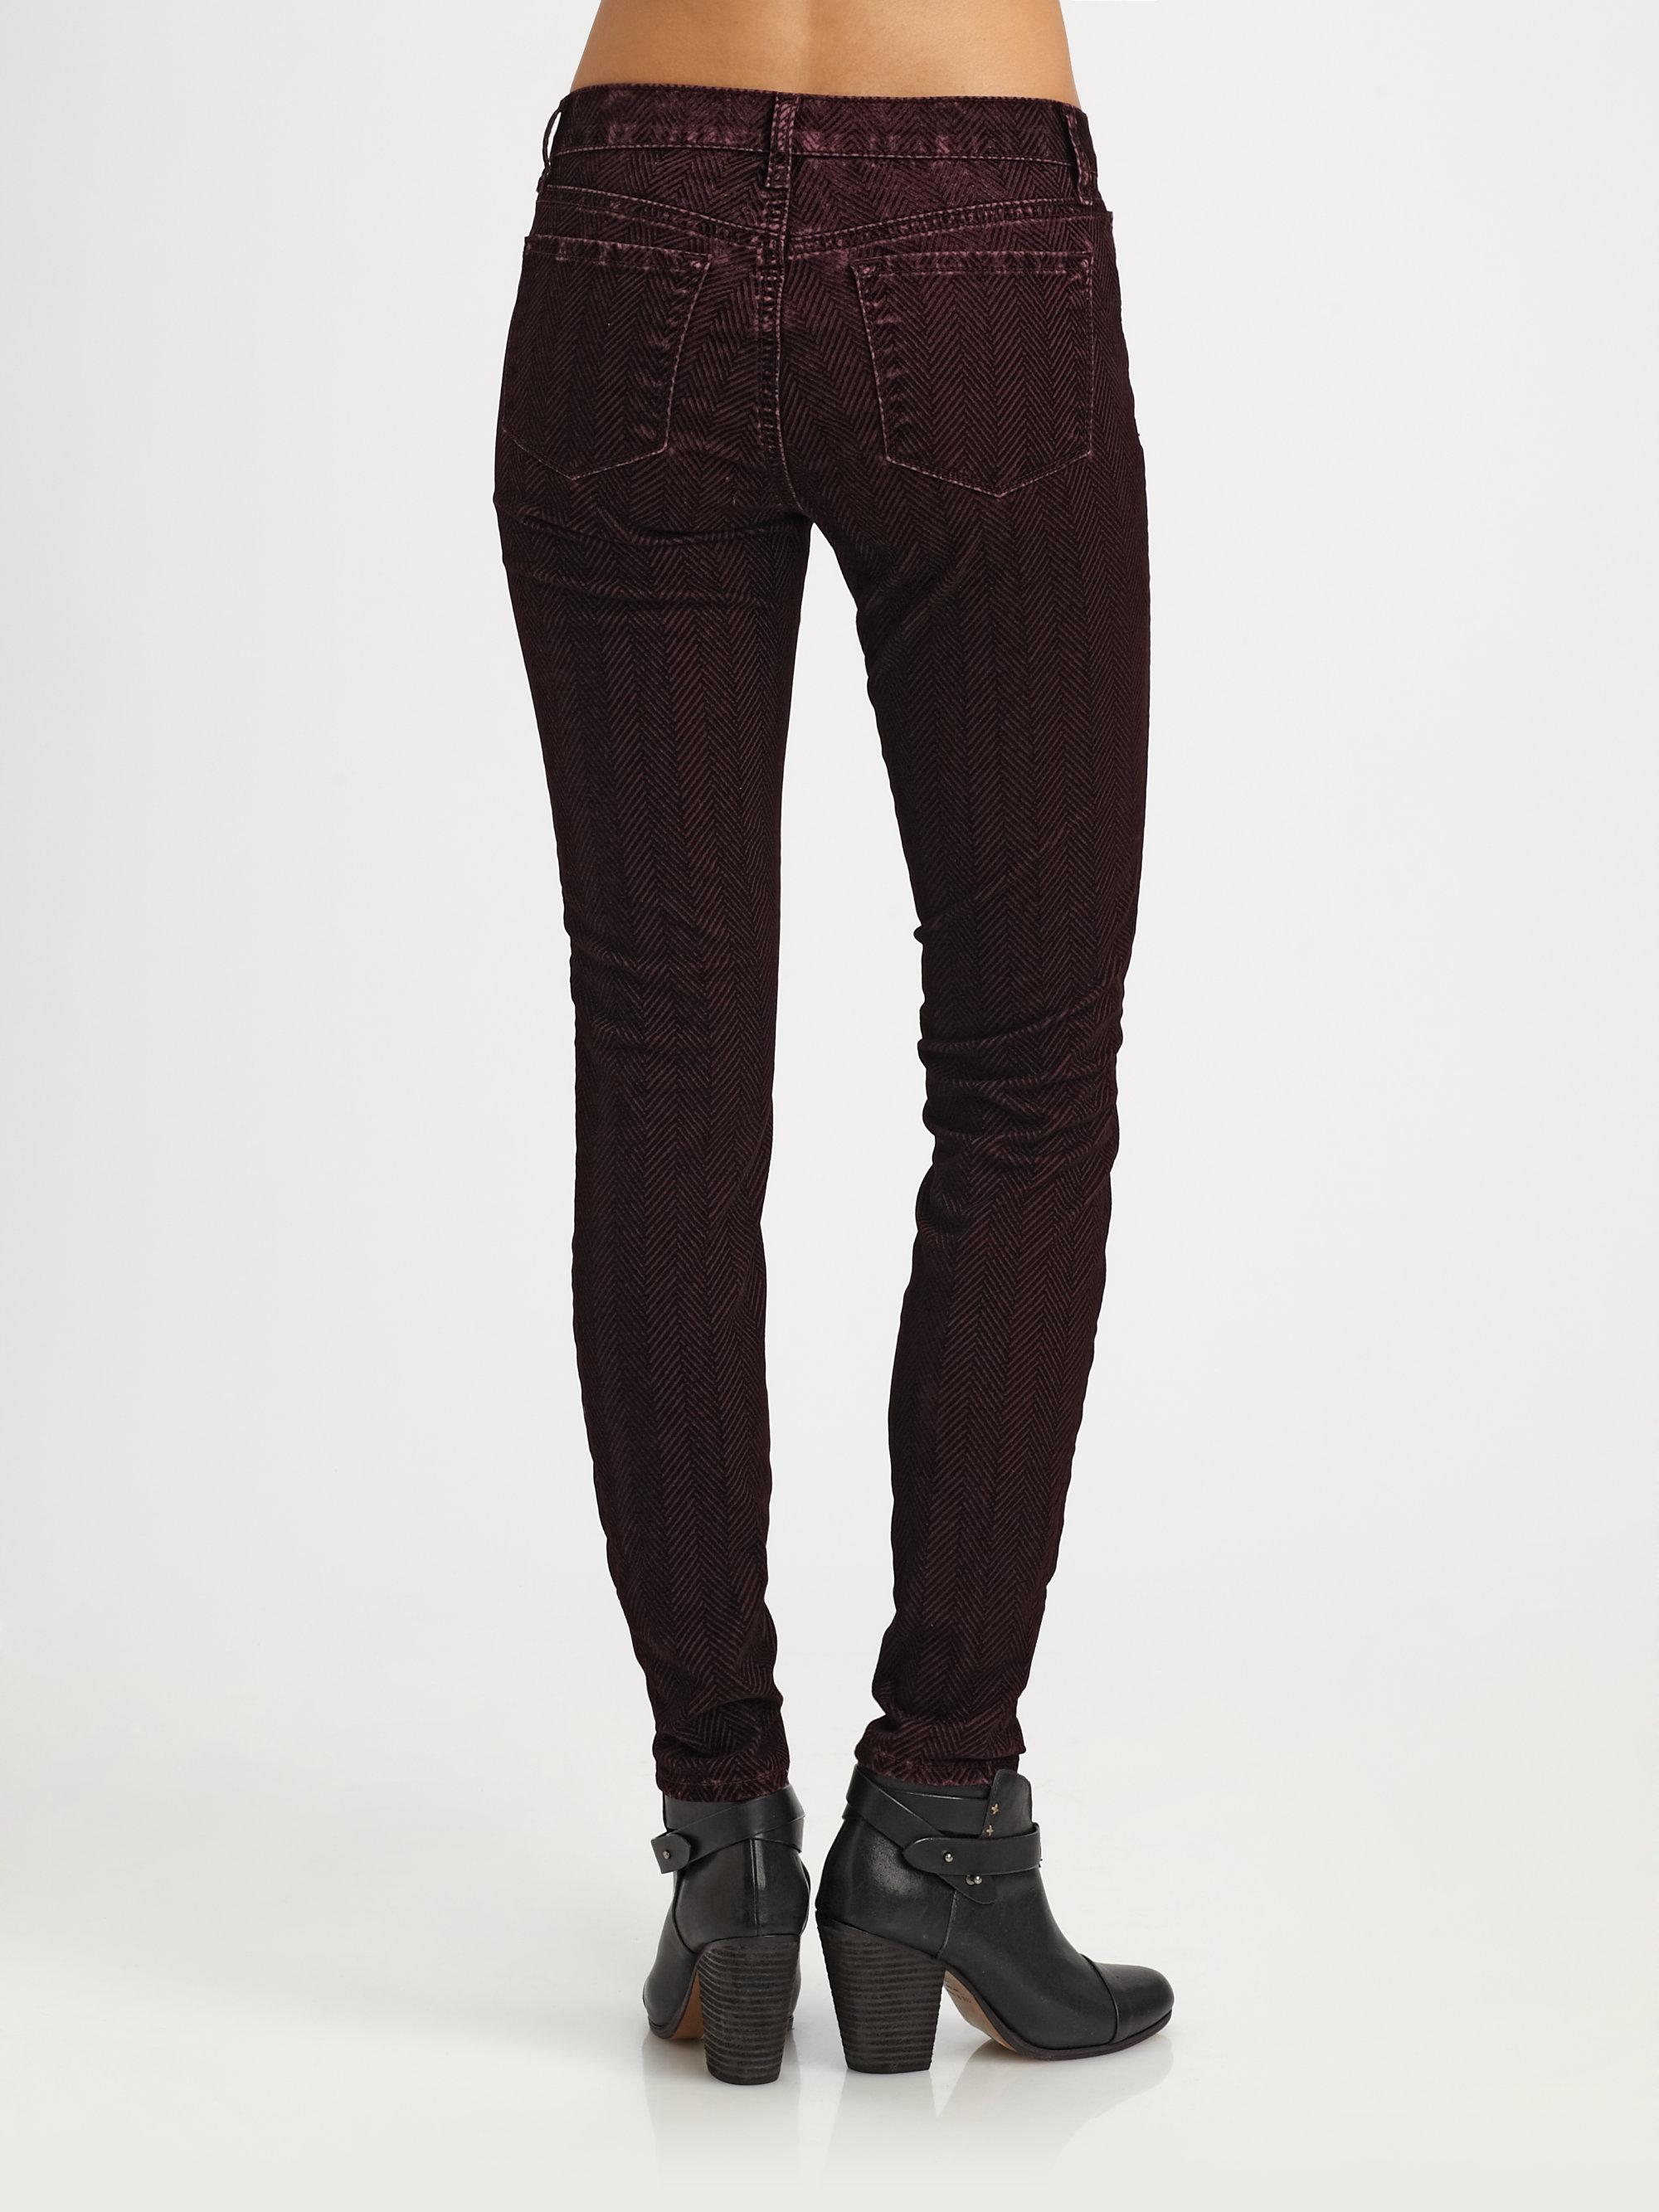 J brand Velvet Skinny Jeans in Red | Lyst